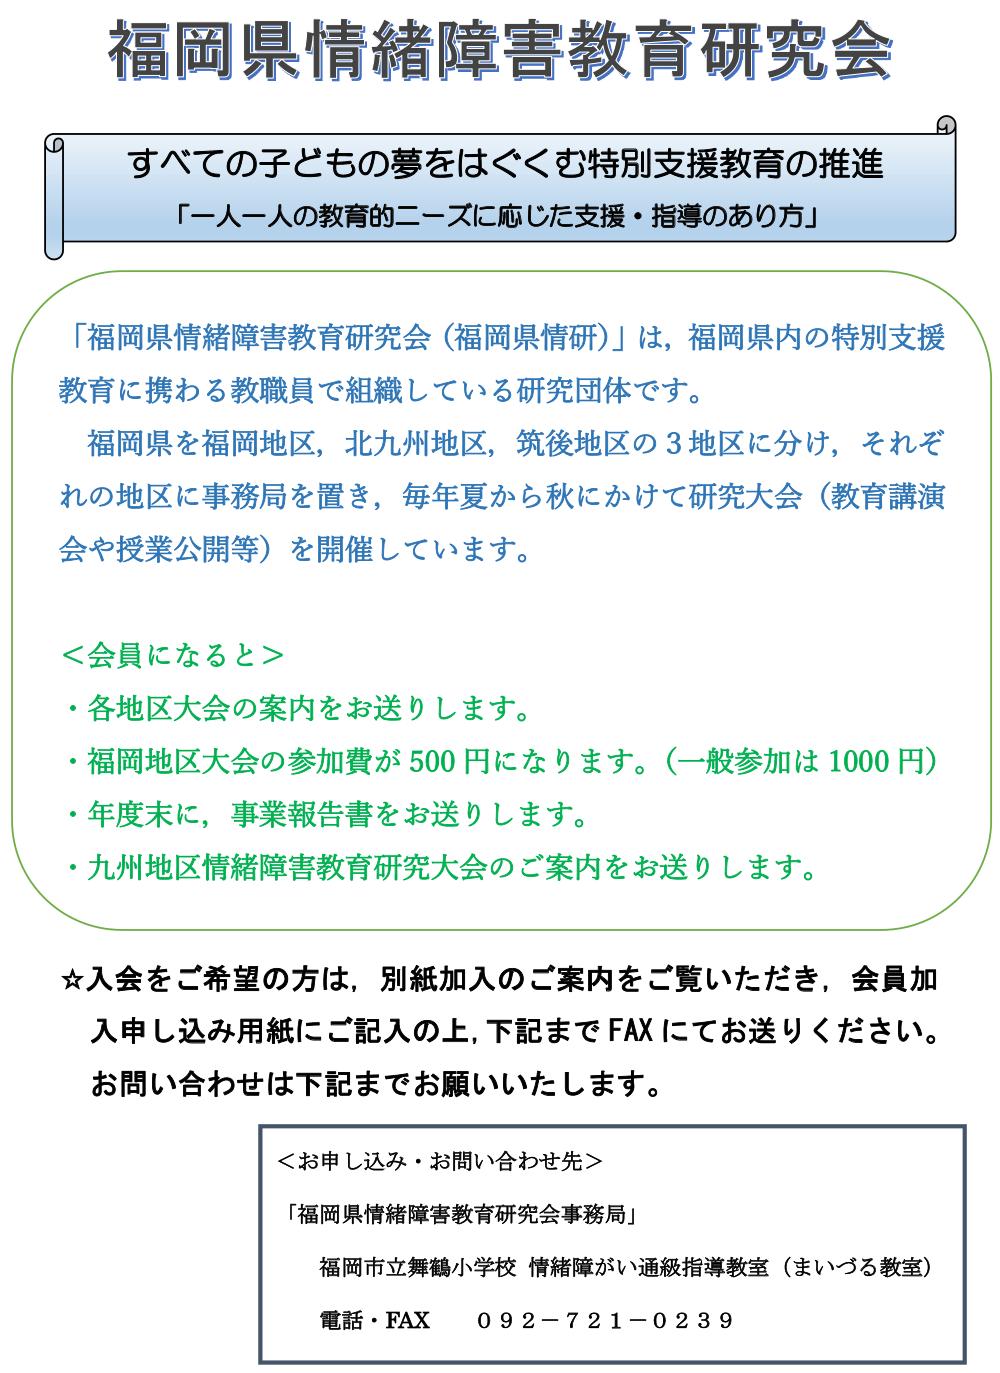 福岡県情緒障害教育研究会 | 九州地区情緒障害教育研究会